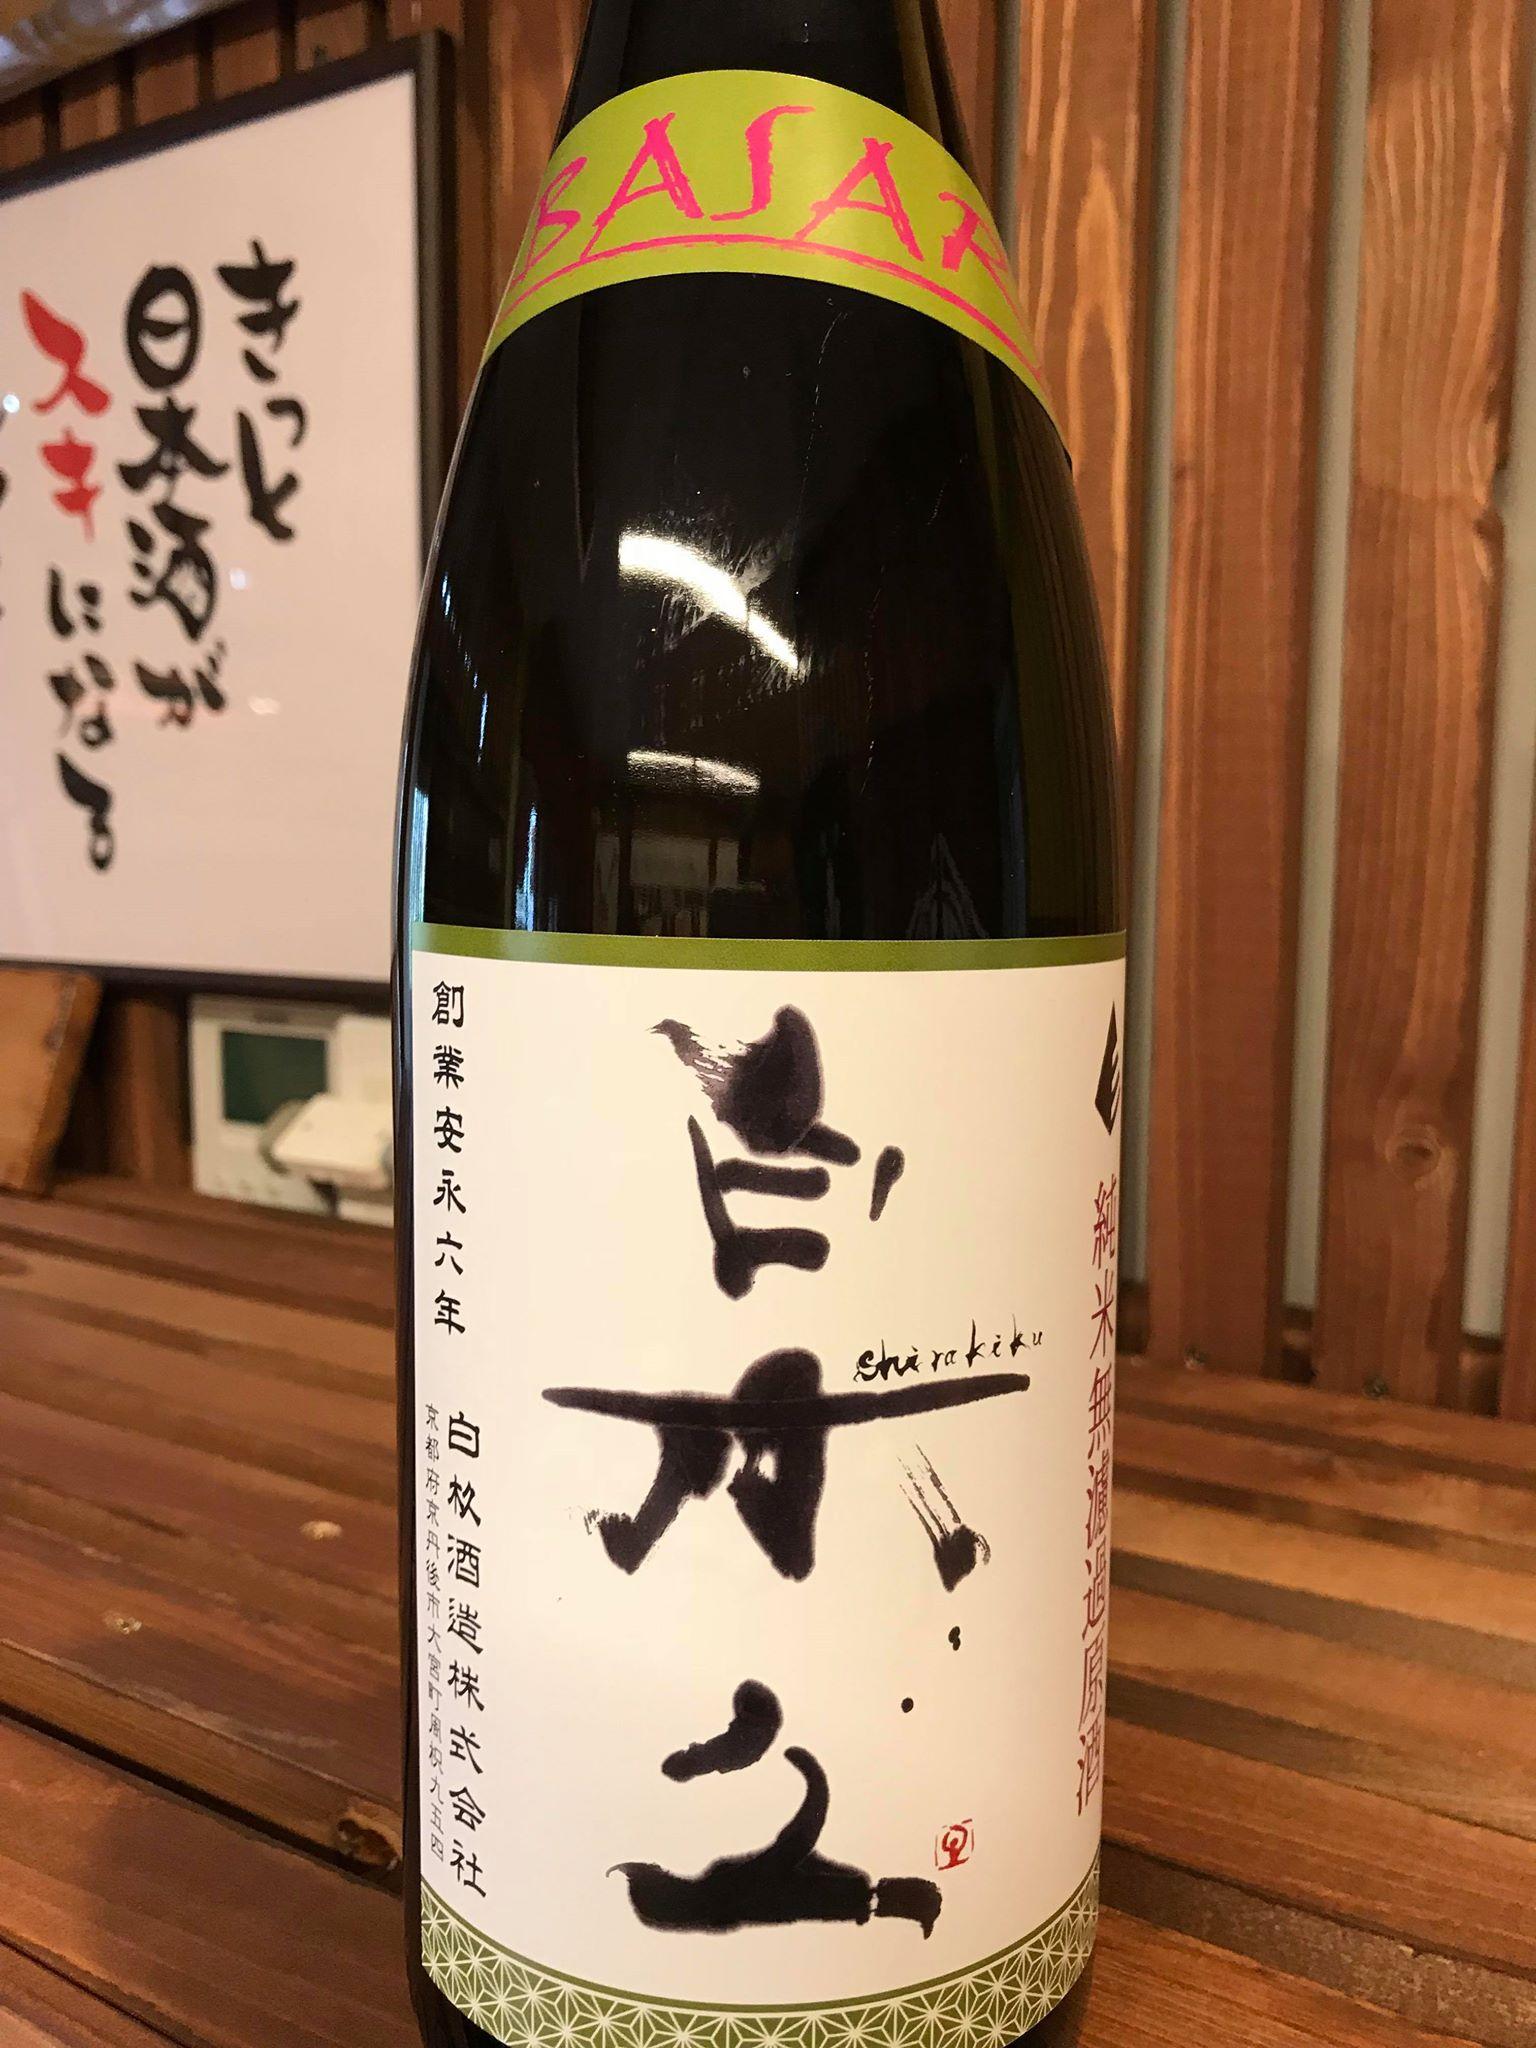 【日本酒】白木久 BASARA 瓶囲い 純米生詰原酒 限定 29BY_e0173738_18361444.jpg